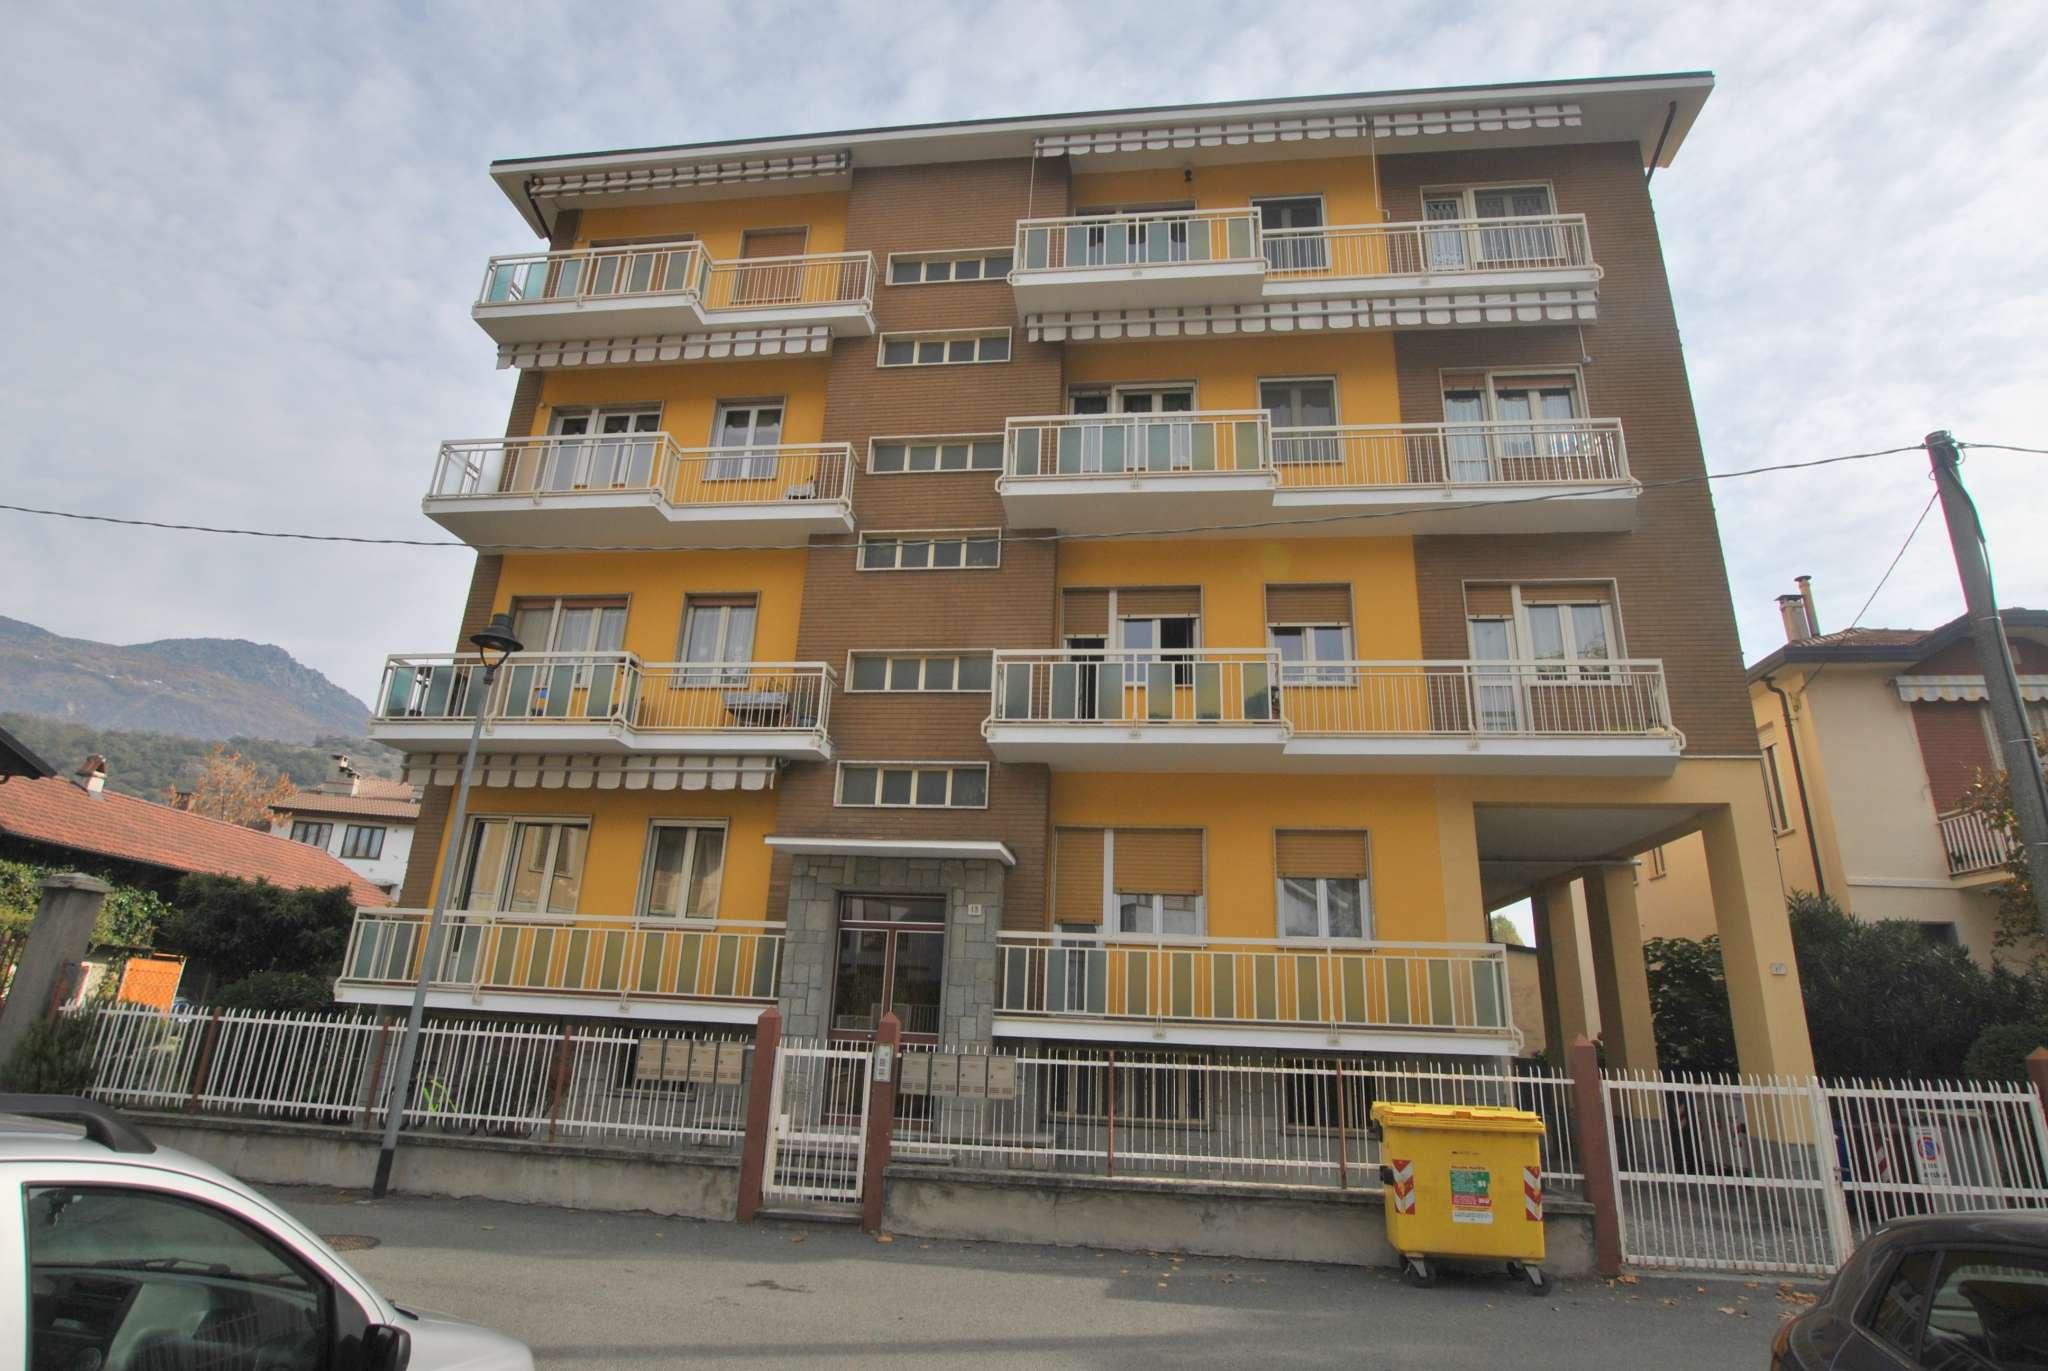 Appartamento in vendita a Condove, 4 locali, prezzo € 115.000 | PortaleAgenzieImmobiliari.it